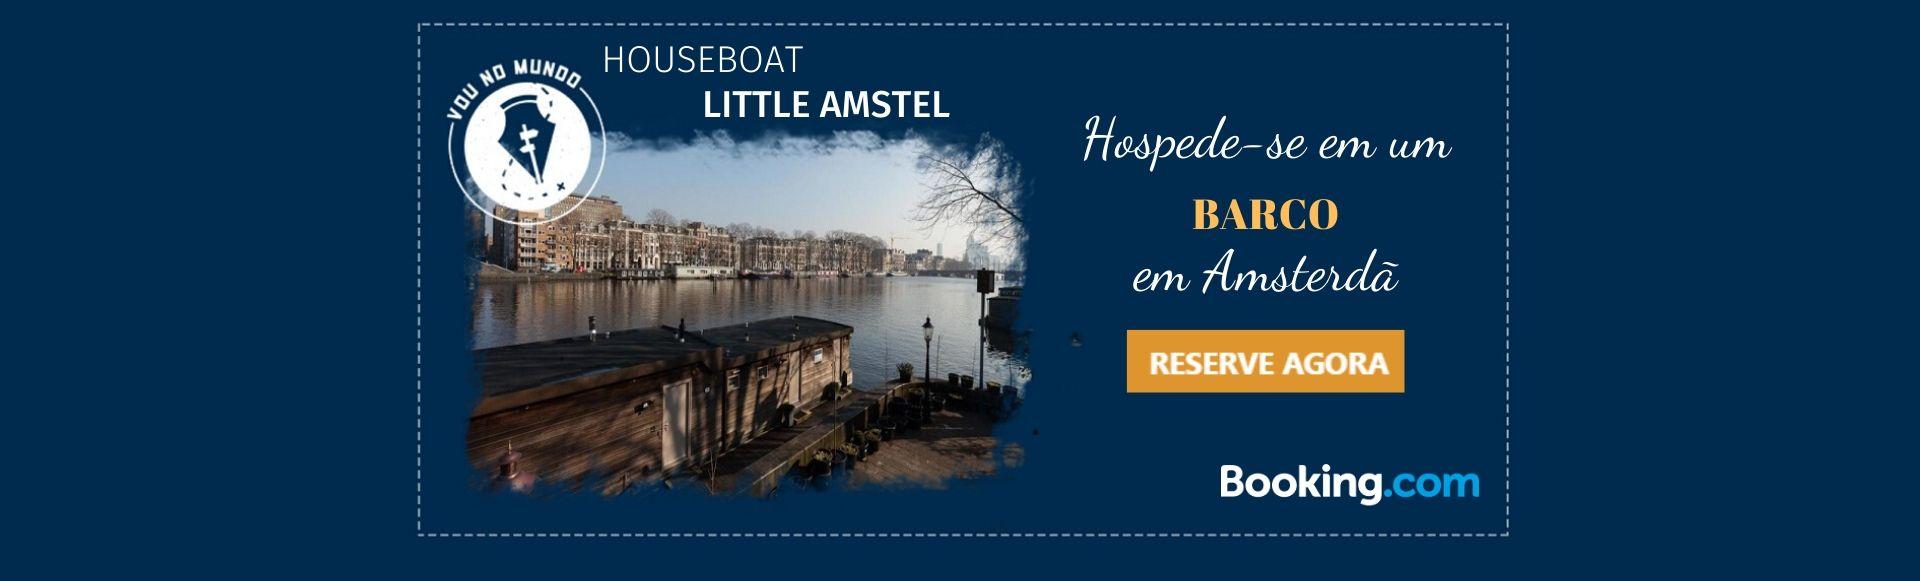 houseboat-little-amstel